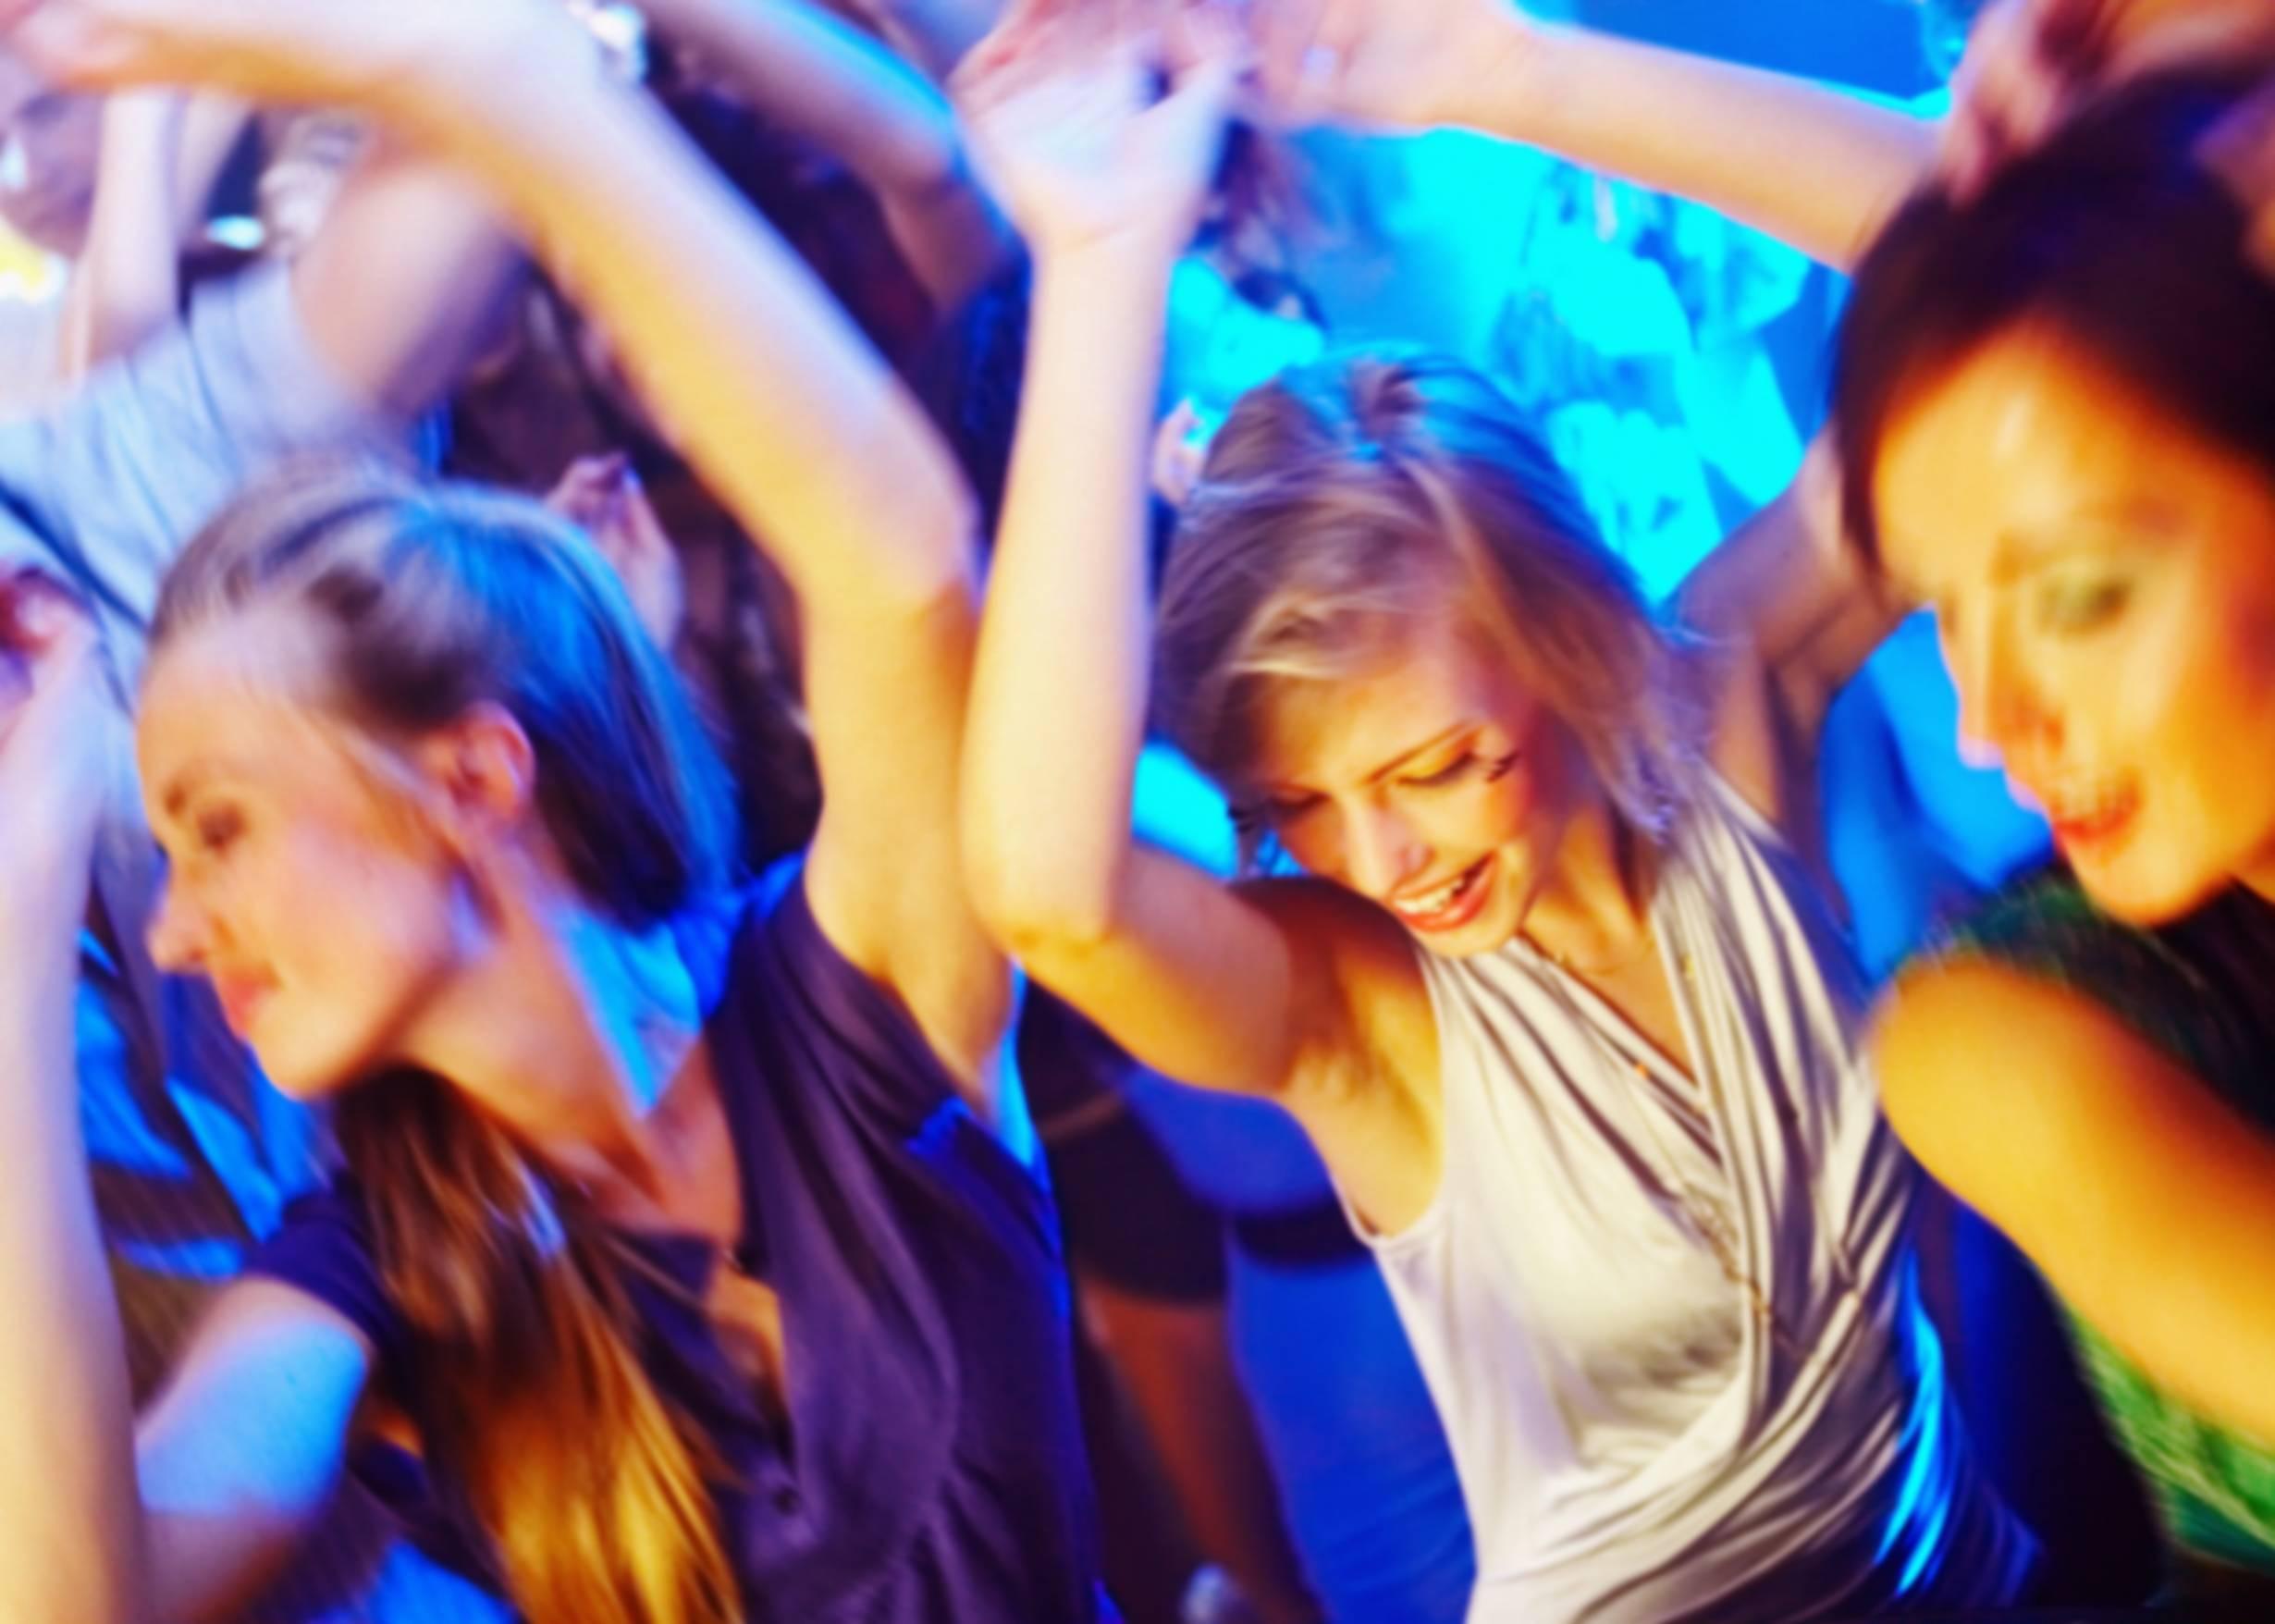 Women dancing in a club